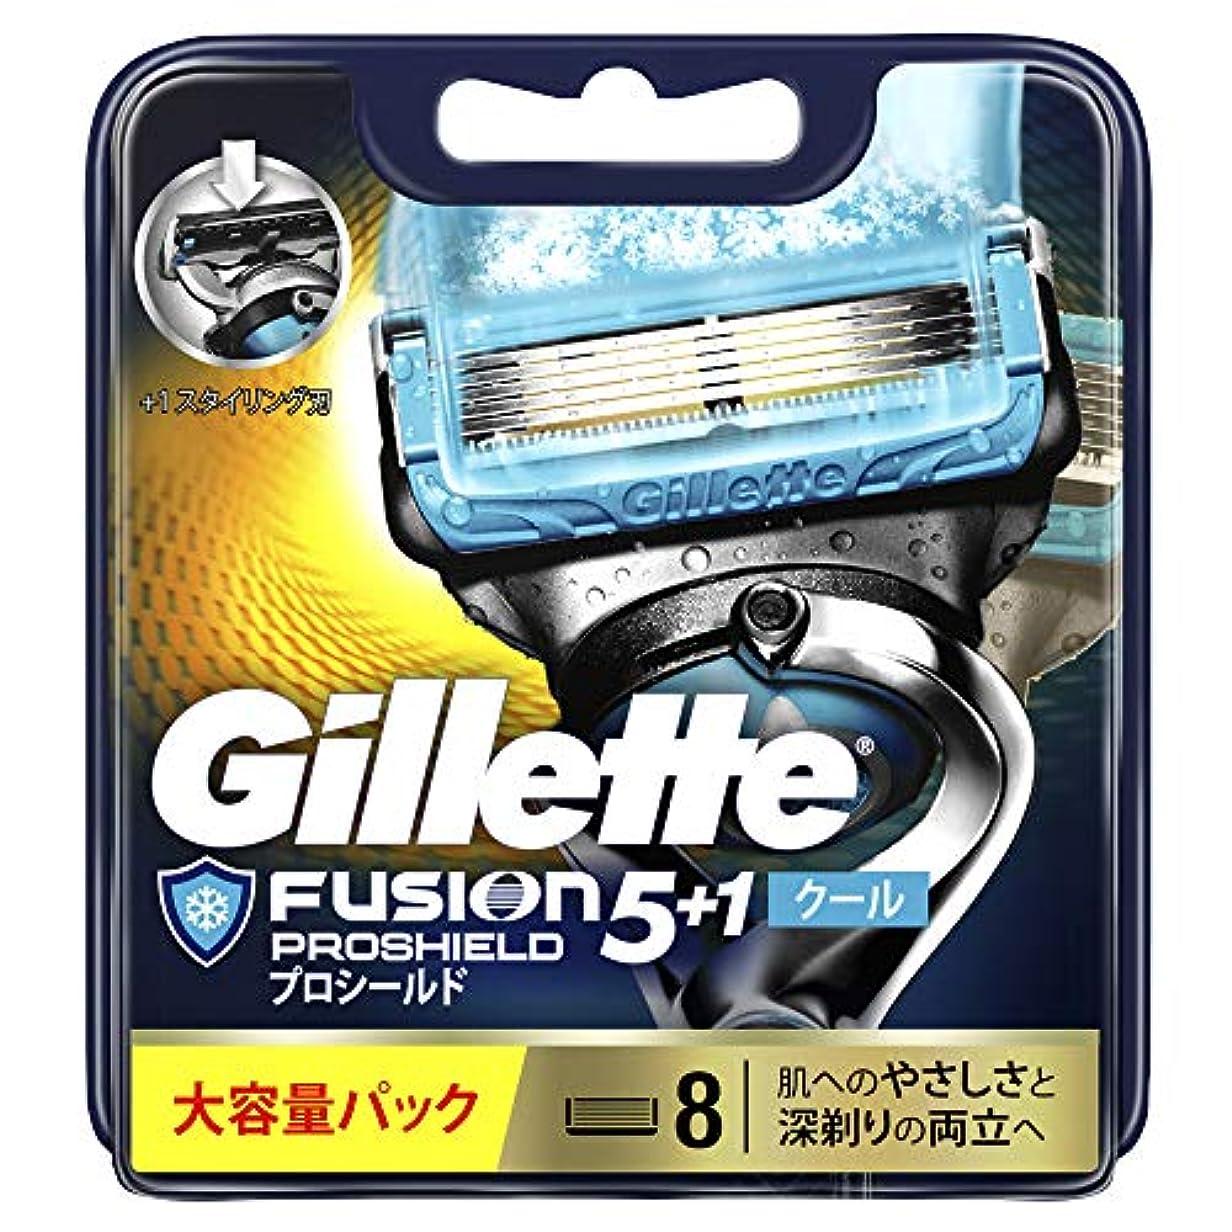 バレーボール飢適度なジレット 髭剃り フュージョン5+1 プロシールド クール 替刃 8個入